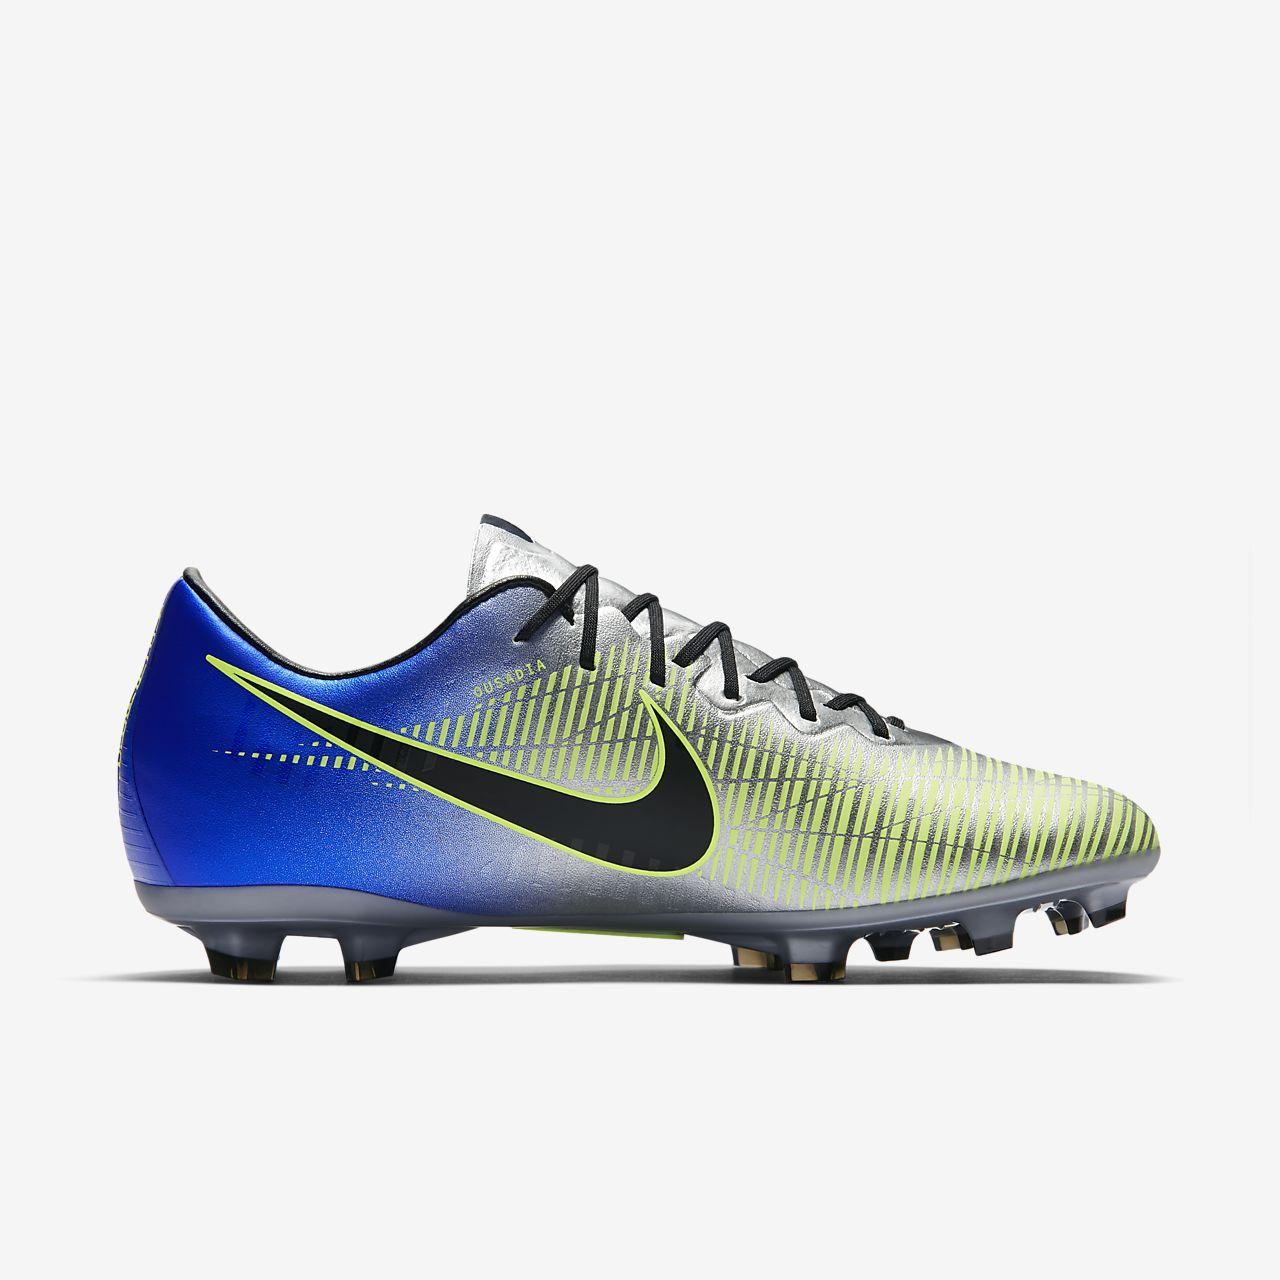 ... Nike Jr. Mercurial Vapor XI Neymar Younger/Older Kids' Firm-Ground  Football